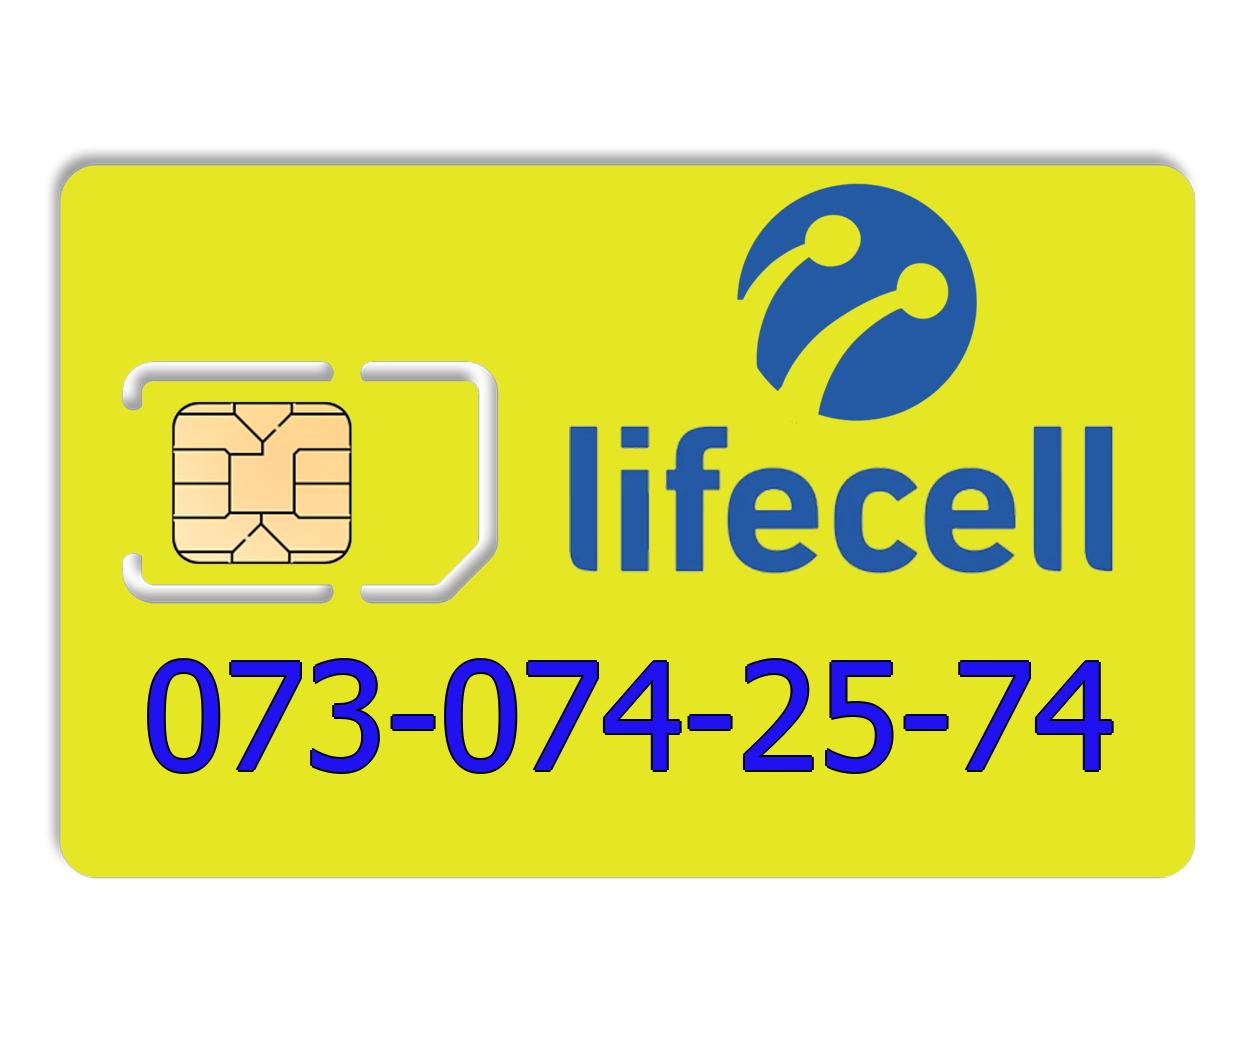 Красивый номер lifecell 073-074-25-74